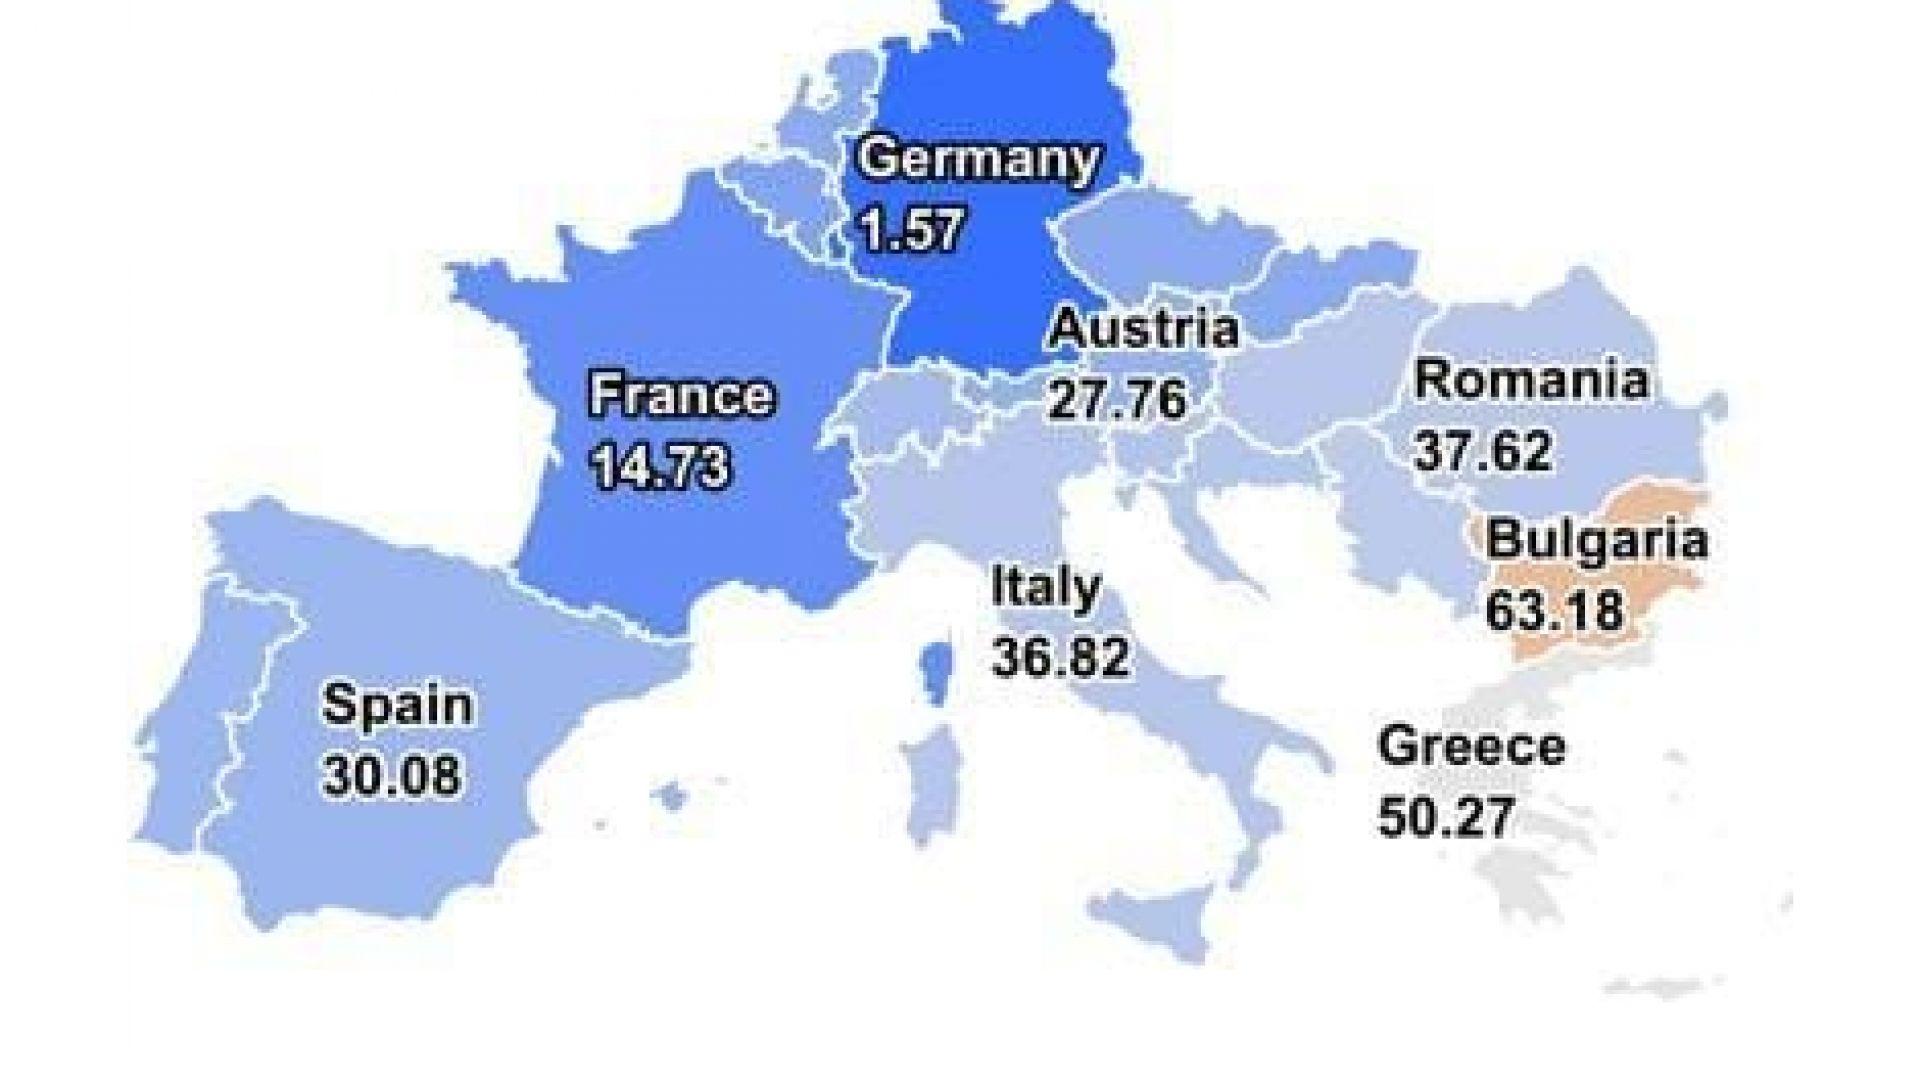 Цената на тока е €1 в Германия и €63 - в България